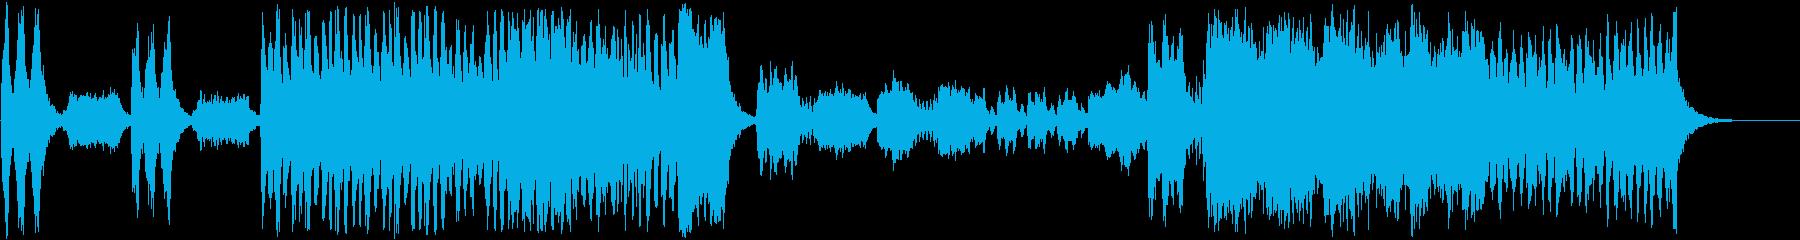 交響曲第41番第1楽章/モーツァルトの再生済みの波形